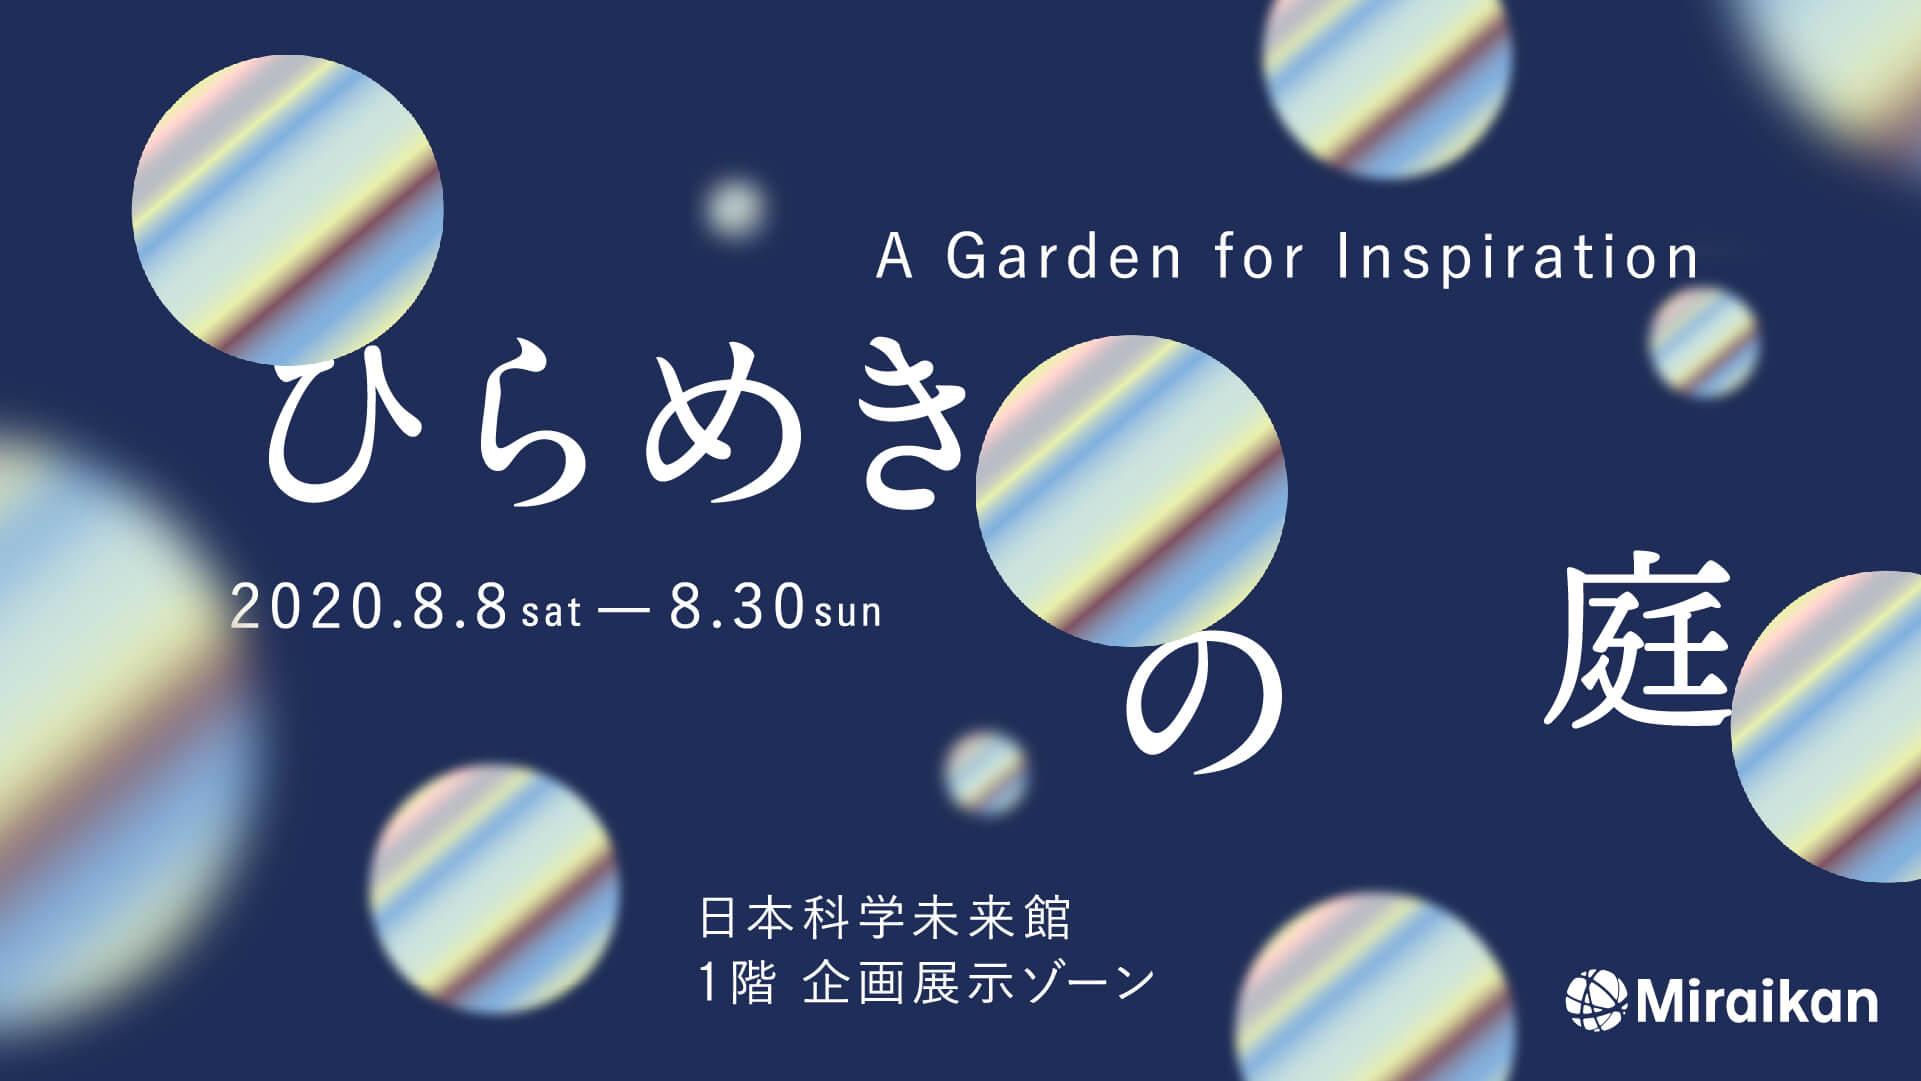 空間インスタレーション「ひらめきの庭」